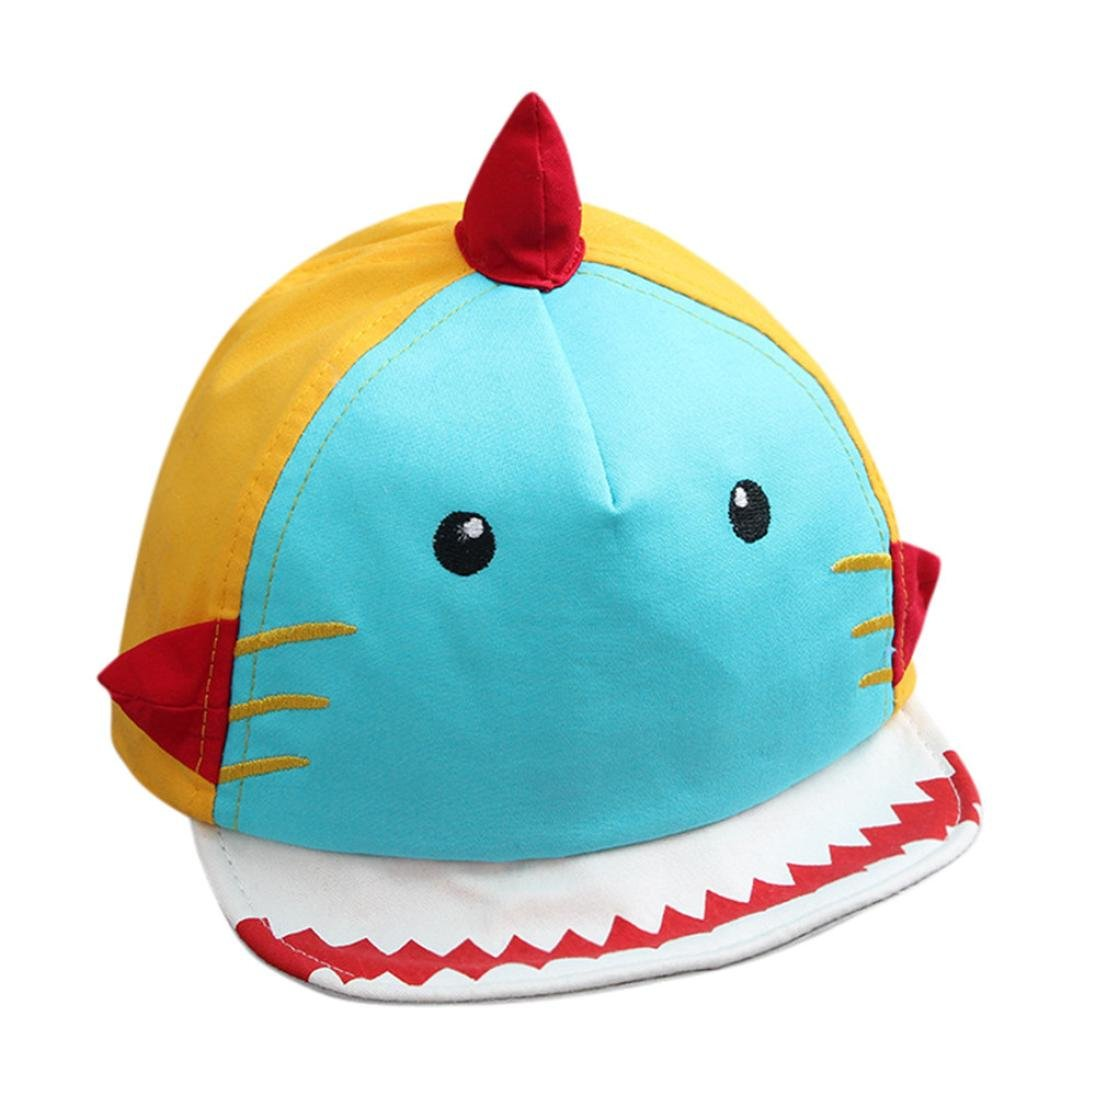 WARMSHOP Baby Cartoon Shark Baseball Hat Boys Girls Cotton Baseball Hats Sun Visors Cap 1-2 Years Old (Sky Blue)